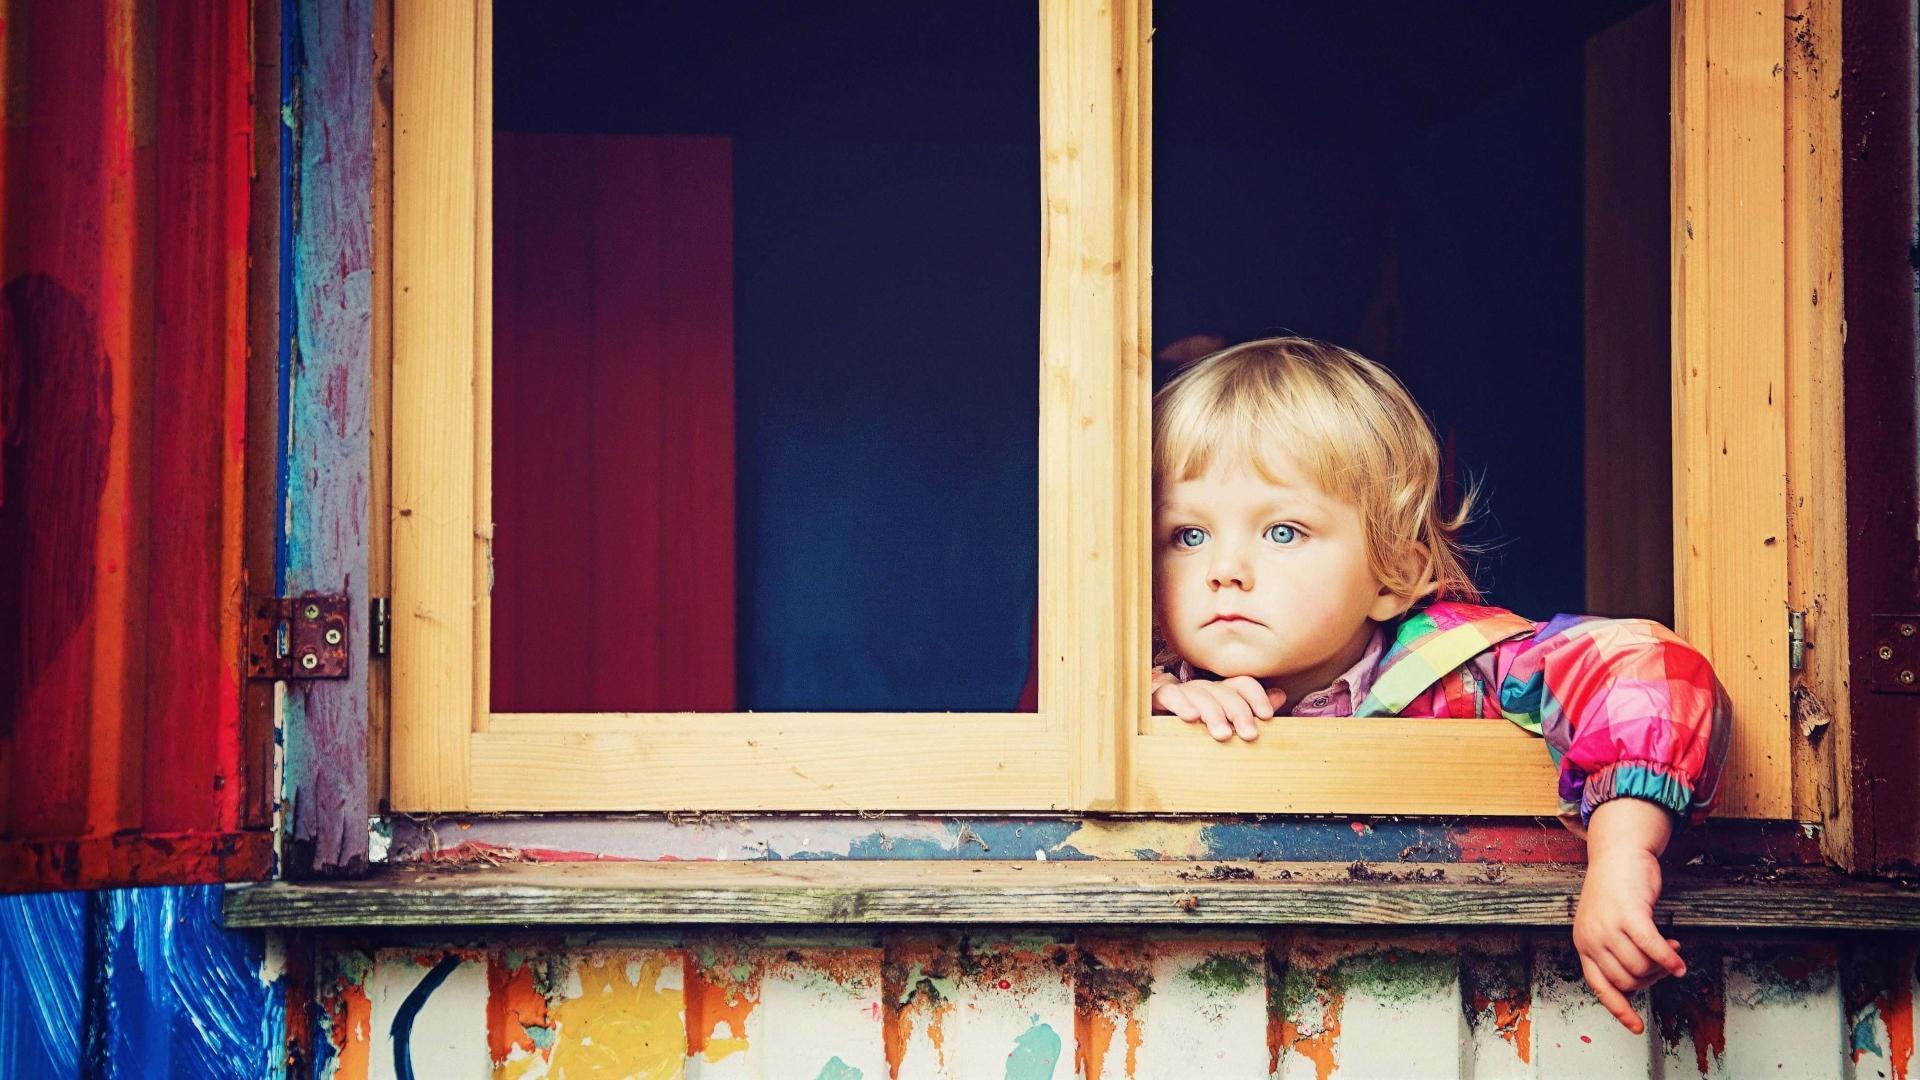 Последствия черепно-мозговой травмы у детей отражаются на социальной коммуникации